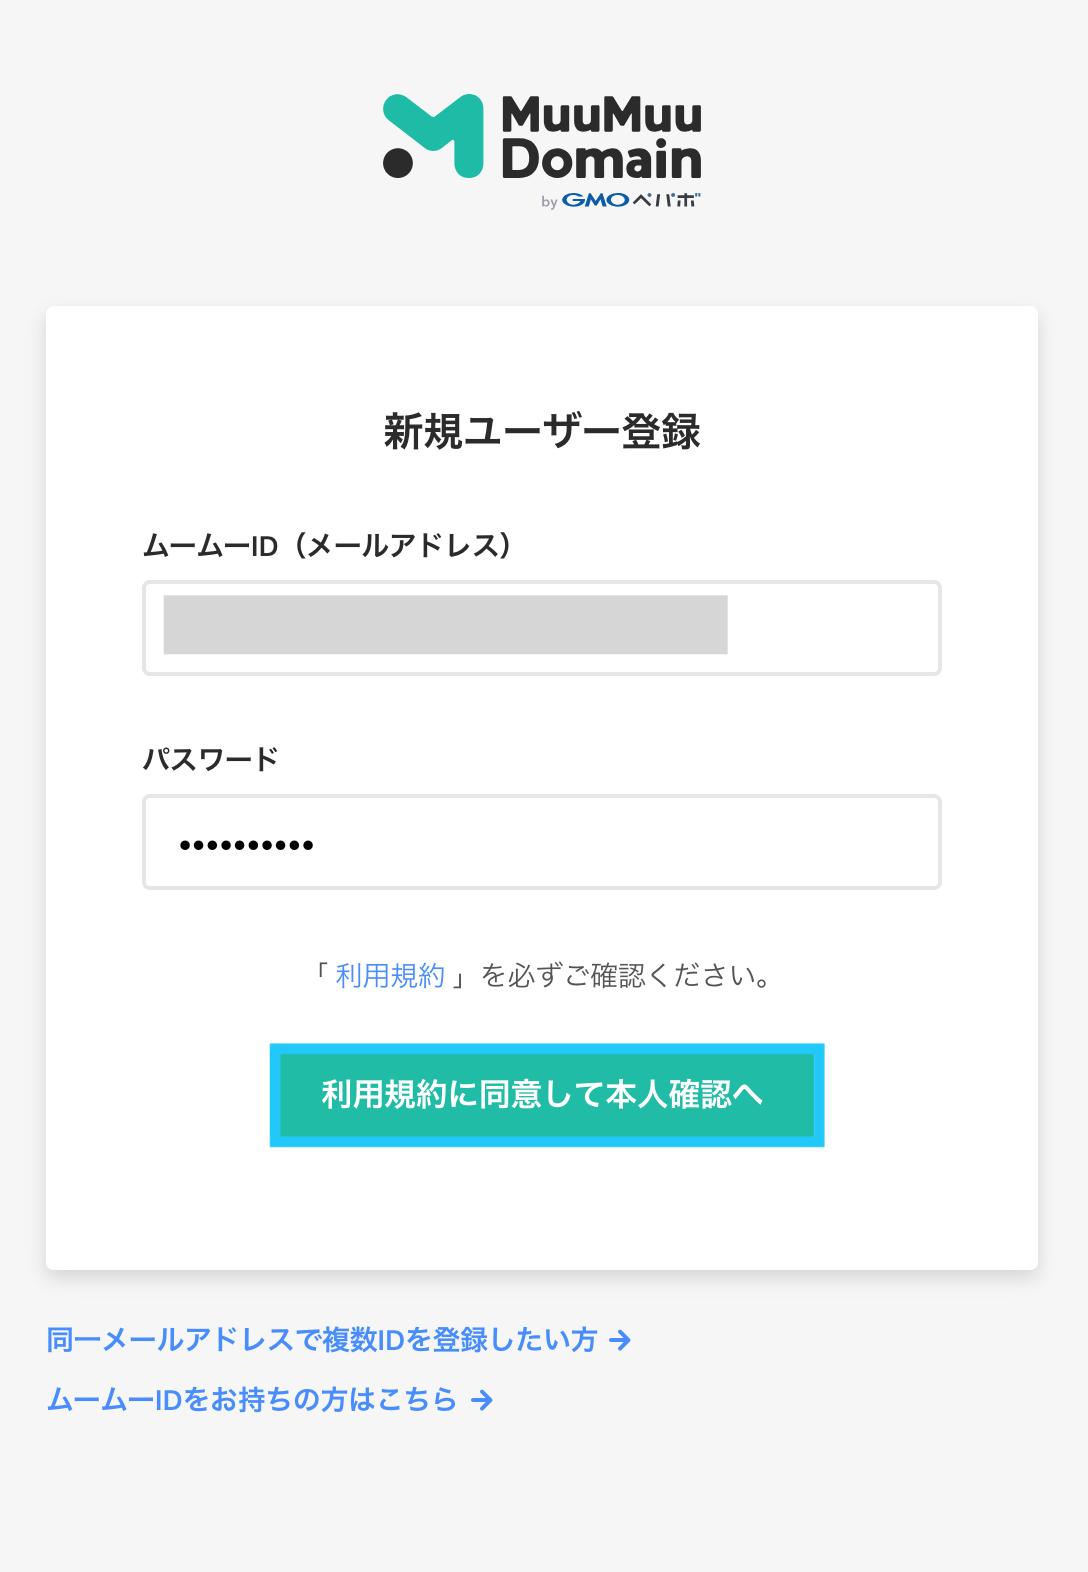 ムームードメインでメールアドレスとパスワードを入力する